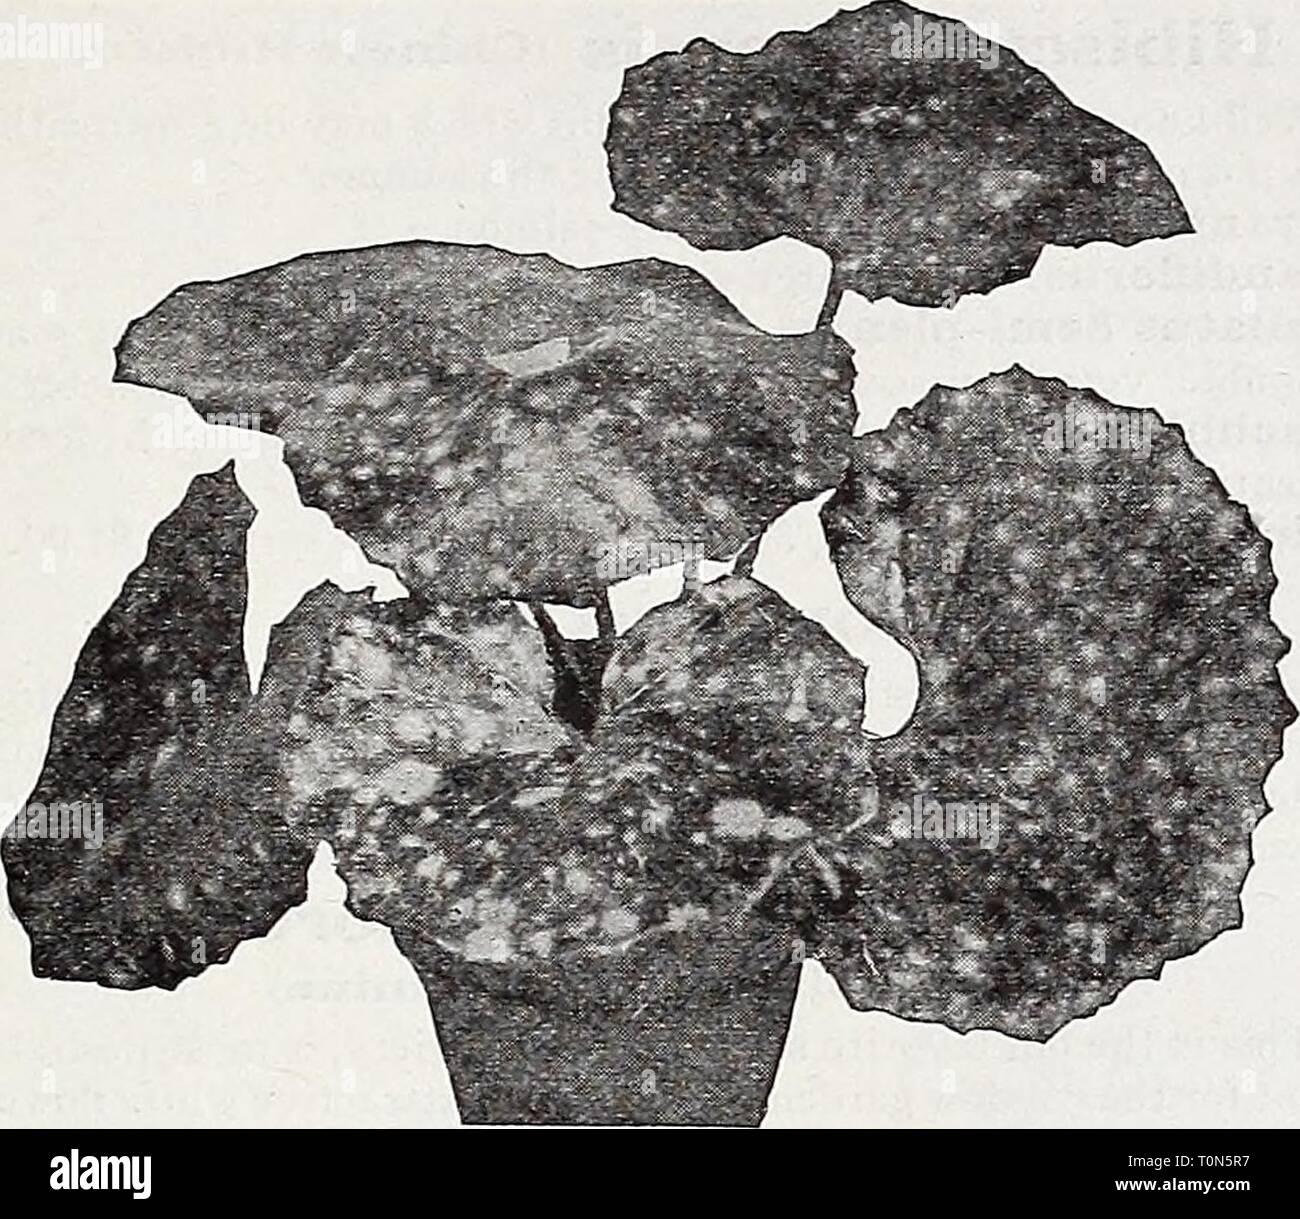 Dreer ist Herbst Katalog 1932 (1932) Dreer ist Herbst Katalog 1932 dreersautumncata 1932 henr Jahr: 1932 GARTEN'' - 'Gewächshaus Pflanzen^ HMDELPSMI, 23 Farfugium Grande dekorative Dracaenas Fragrans. Ein ausgezeichnetes Haus plant, mit breiten dunkelgrünes Laub, wächst unter den meisten Ad-Vers. 3-Zoll, Topfpflanzen, 35 cts. Pro; 4-Zoll Töpfe, 60 cts. Pro; 5-Zoll Töpfe, $ 1,00. Godseffiana. Von allen anderen Drac-aenas; Freier-Verzweigung gewohnheitformung Kom-Pakt, anmutige Proben. Sein Laub ist der starke Textur; Reich, dunkelgrüne Farbe dicht mit Flecken von cremig weiß markiert. Stockfoto